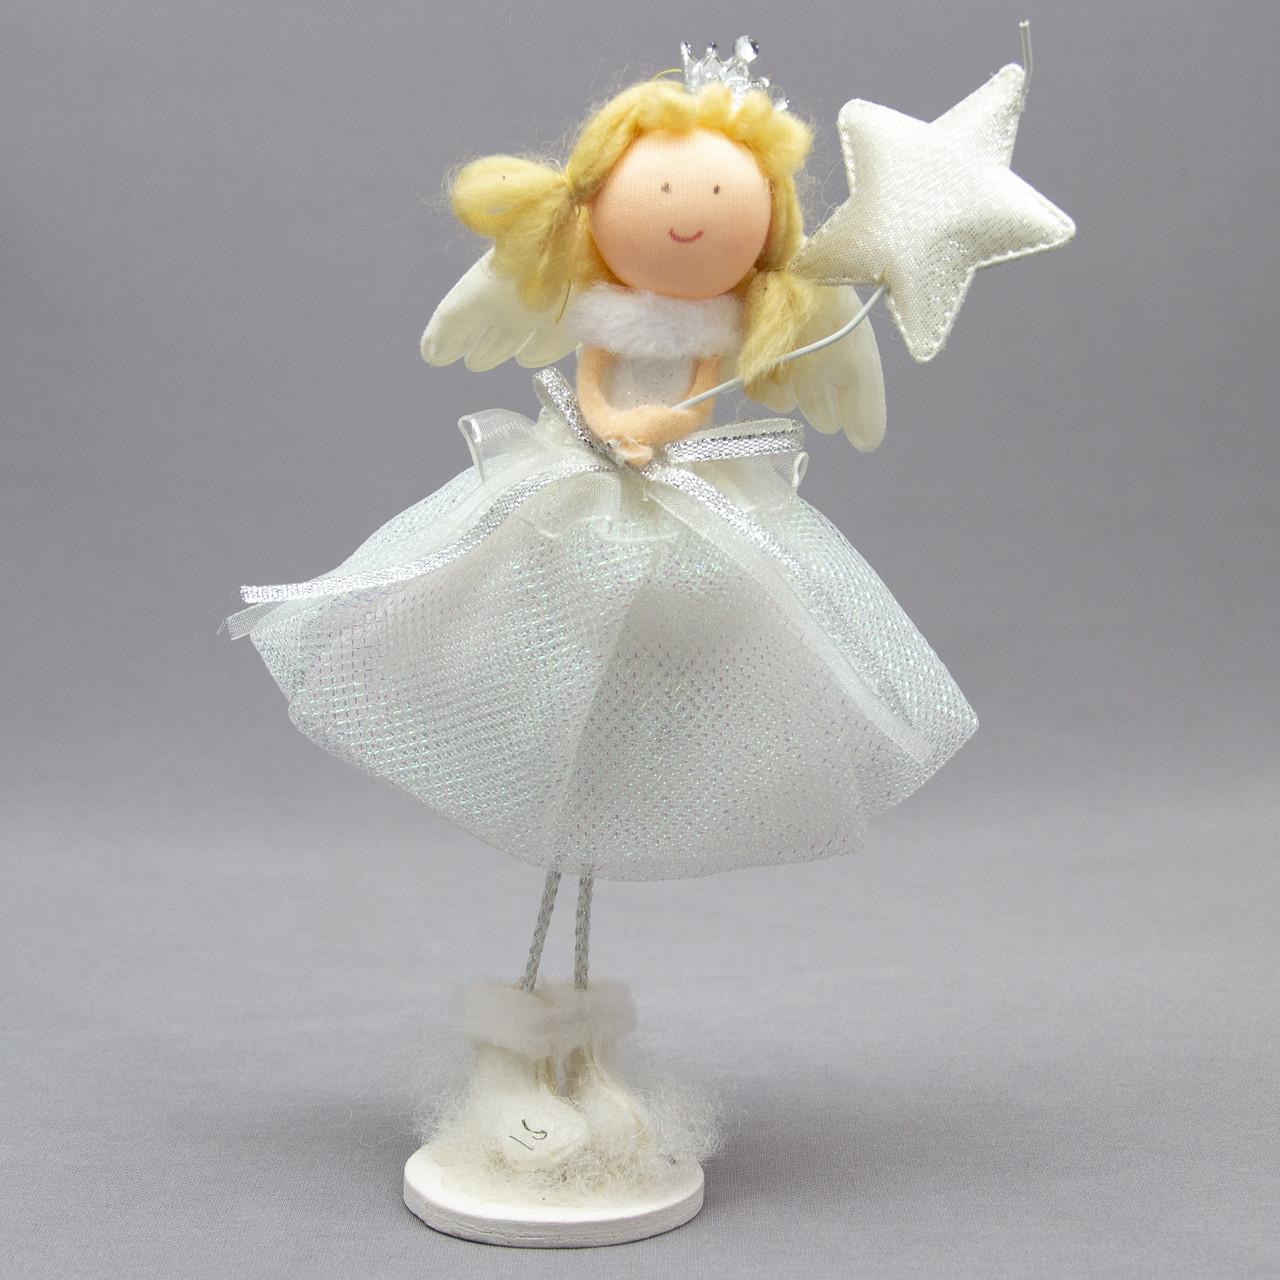 Новогодняя сувенирная фигурка ангел со звездой на подставке, 24 см (220327-1)